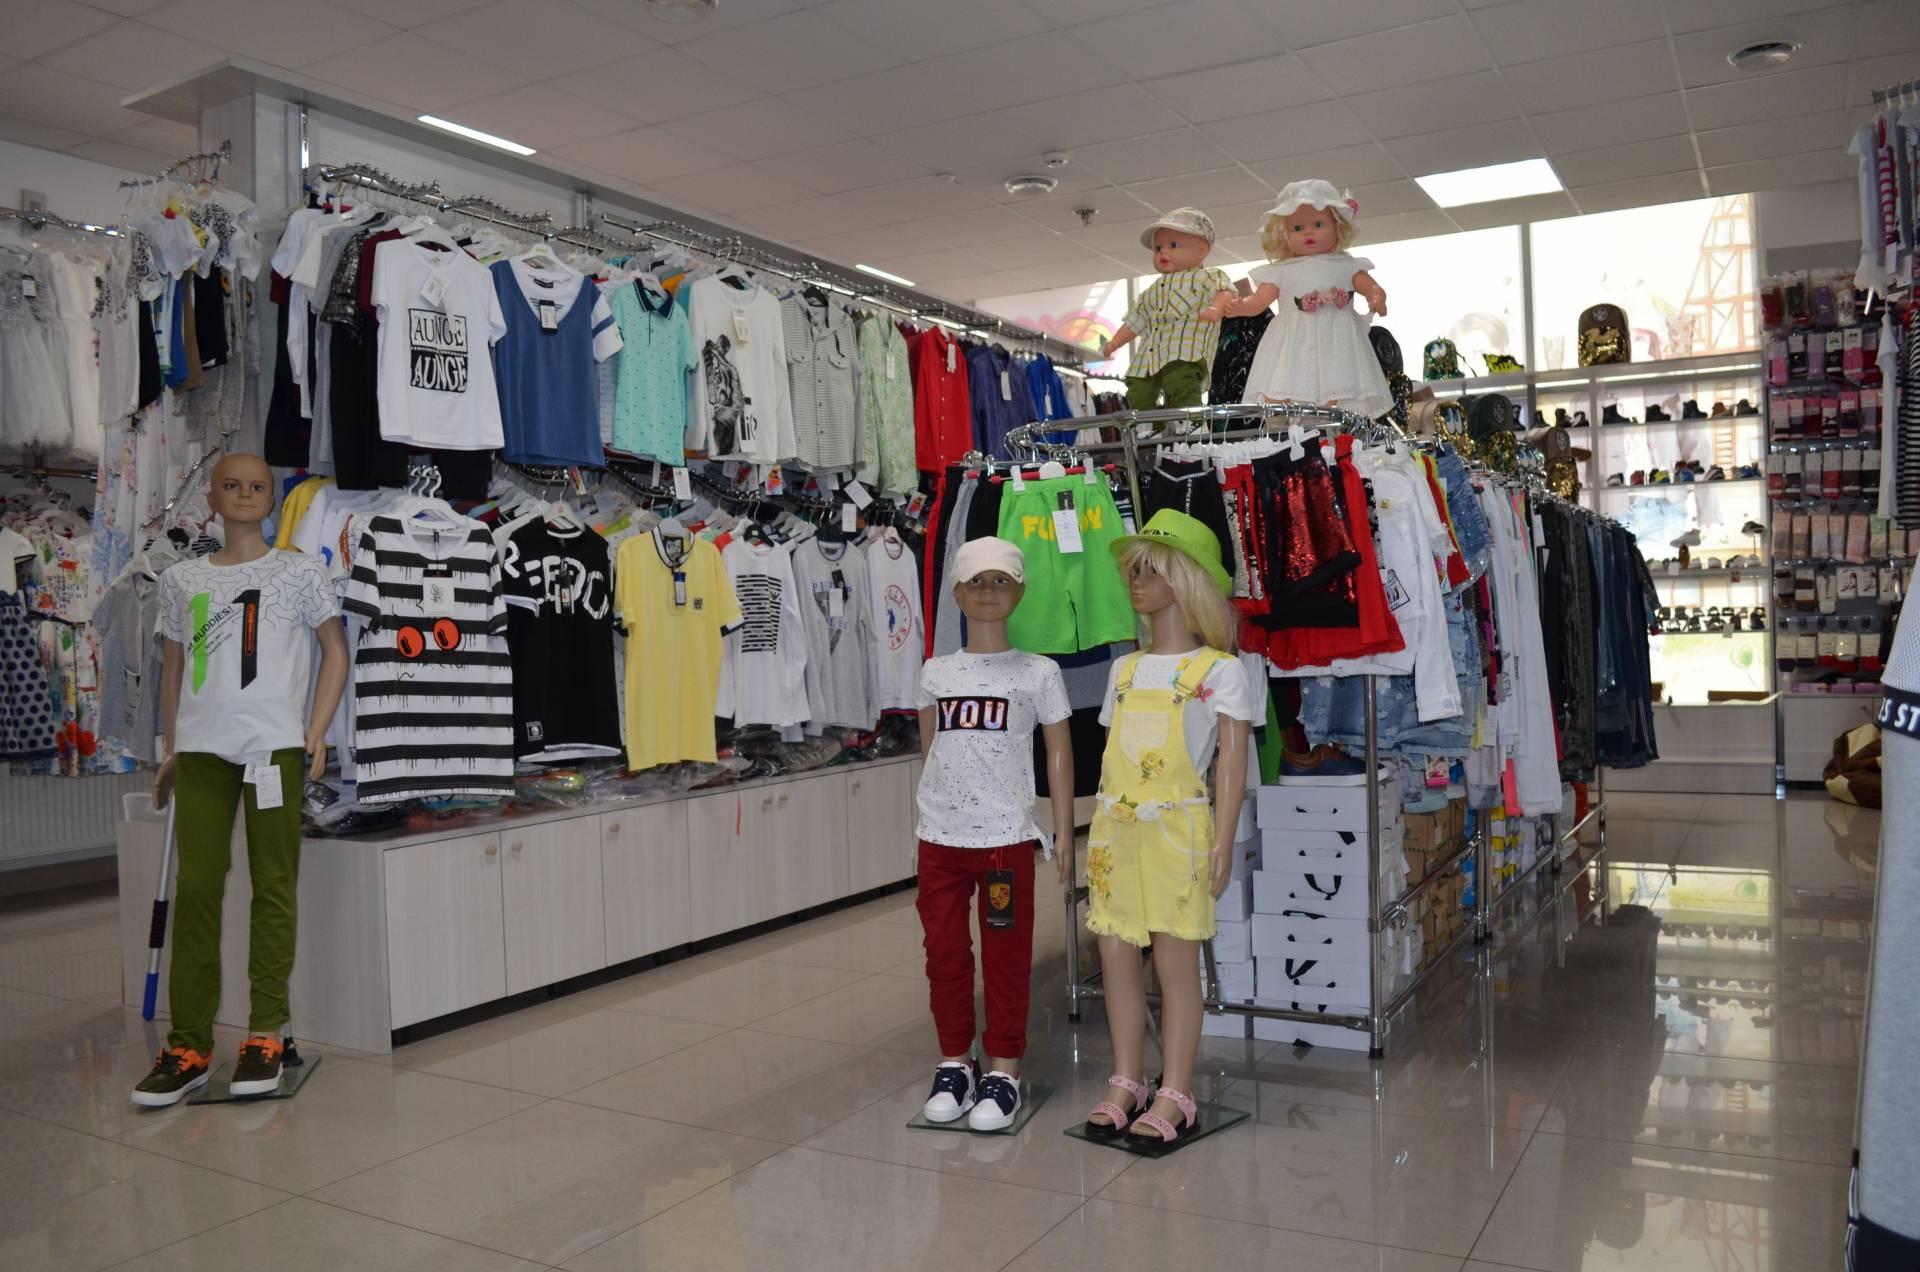 ТОП кращих дитячих магазинів Хмельницького   26 04 2018 - vsim.ua a3e7bb002c4e8